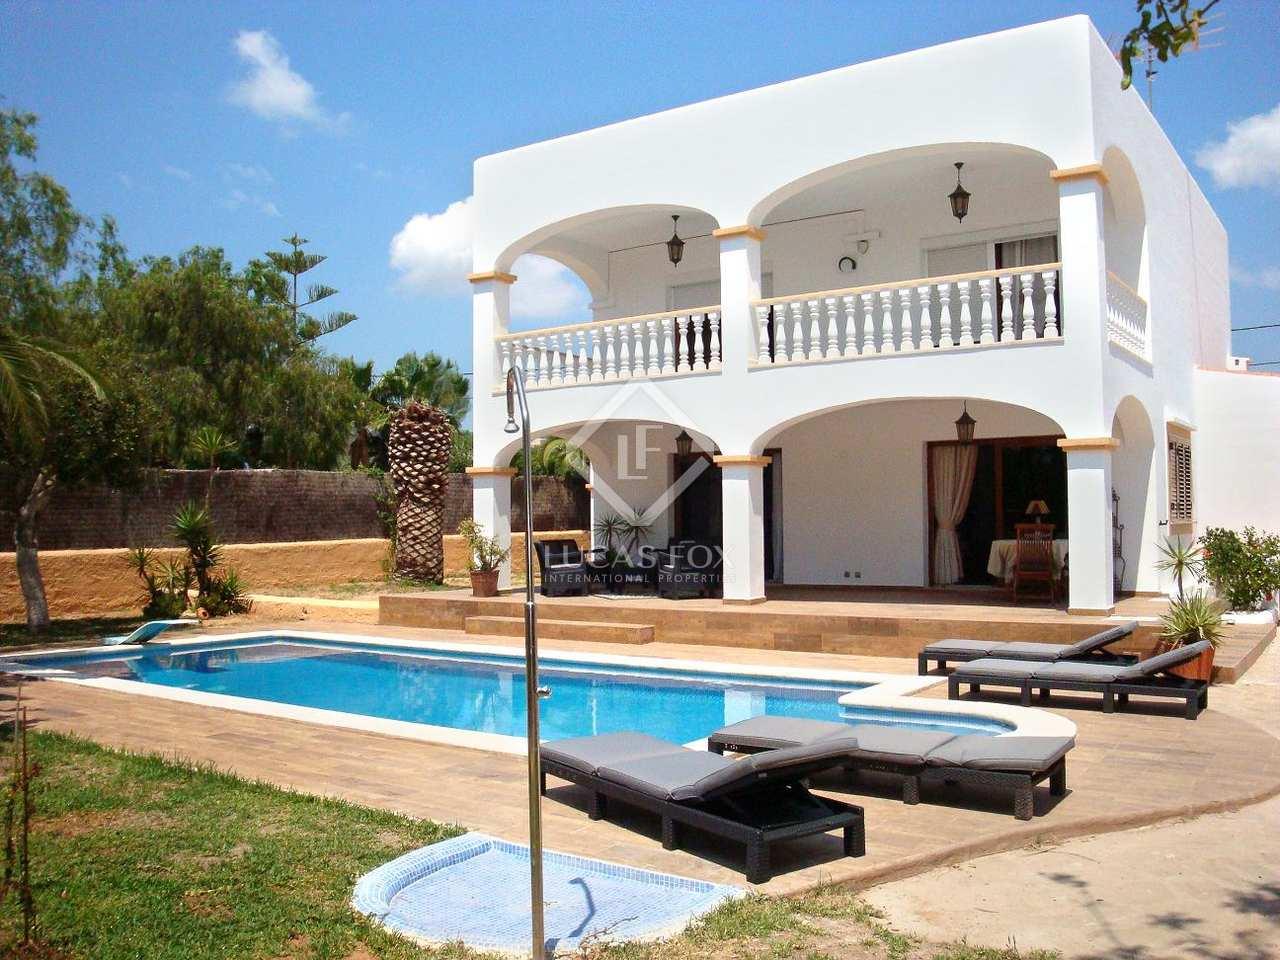 Casa de 300 m en venta cerca de ibiza ciudad for Ciudad jardin ibiza